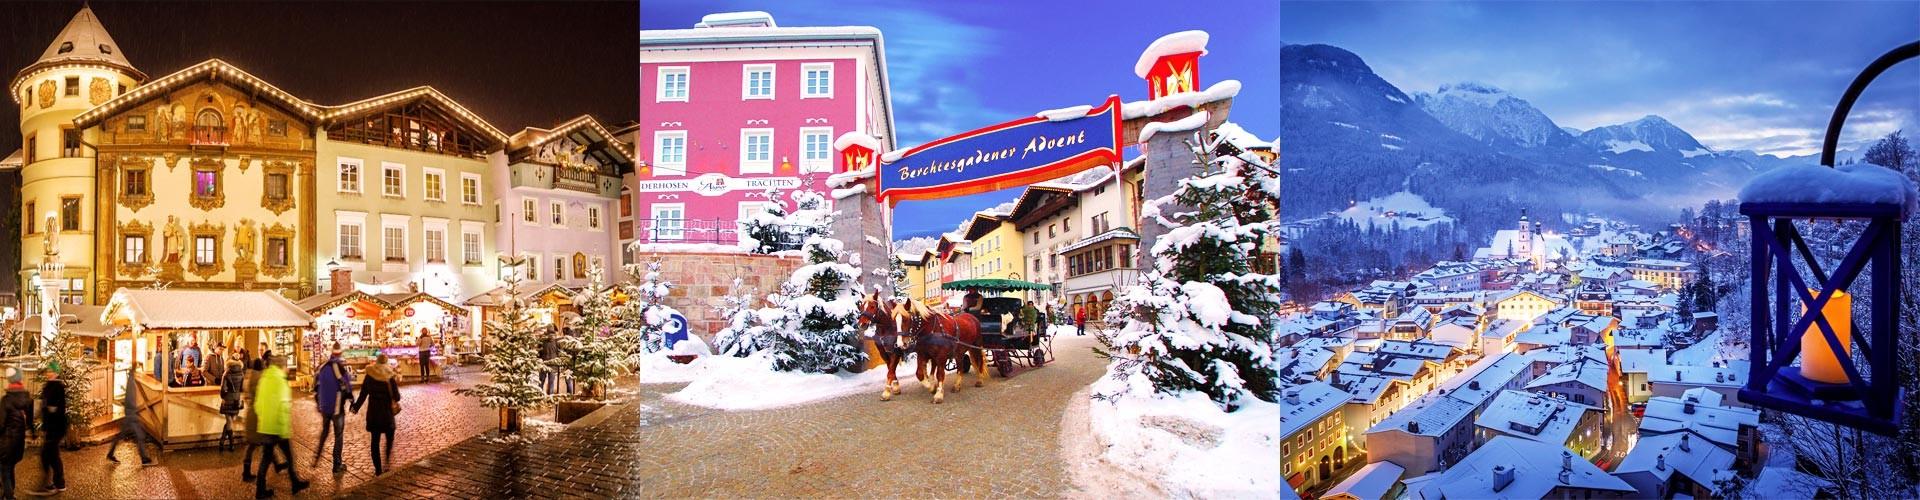 Der Christkindlmarkt in Berchtesgaden